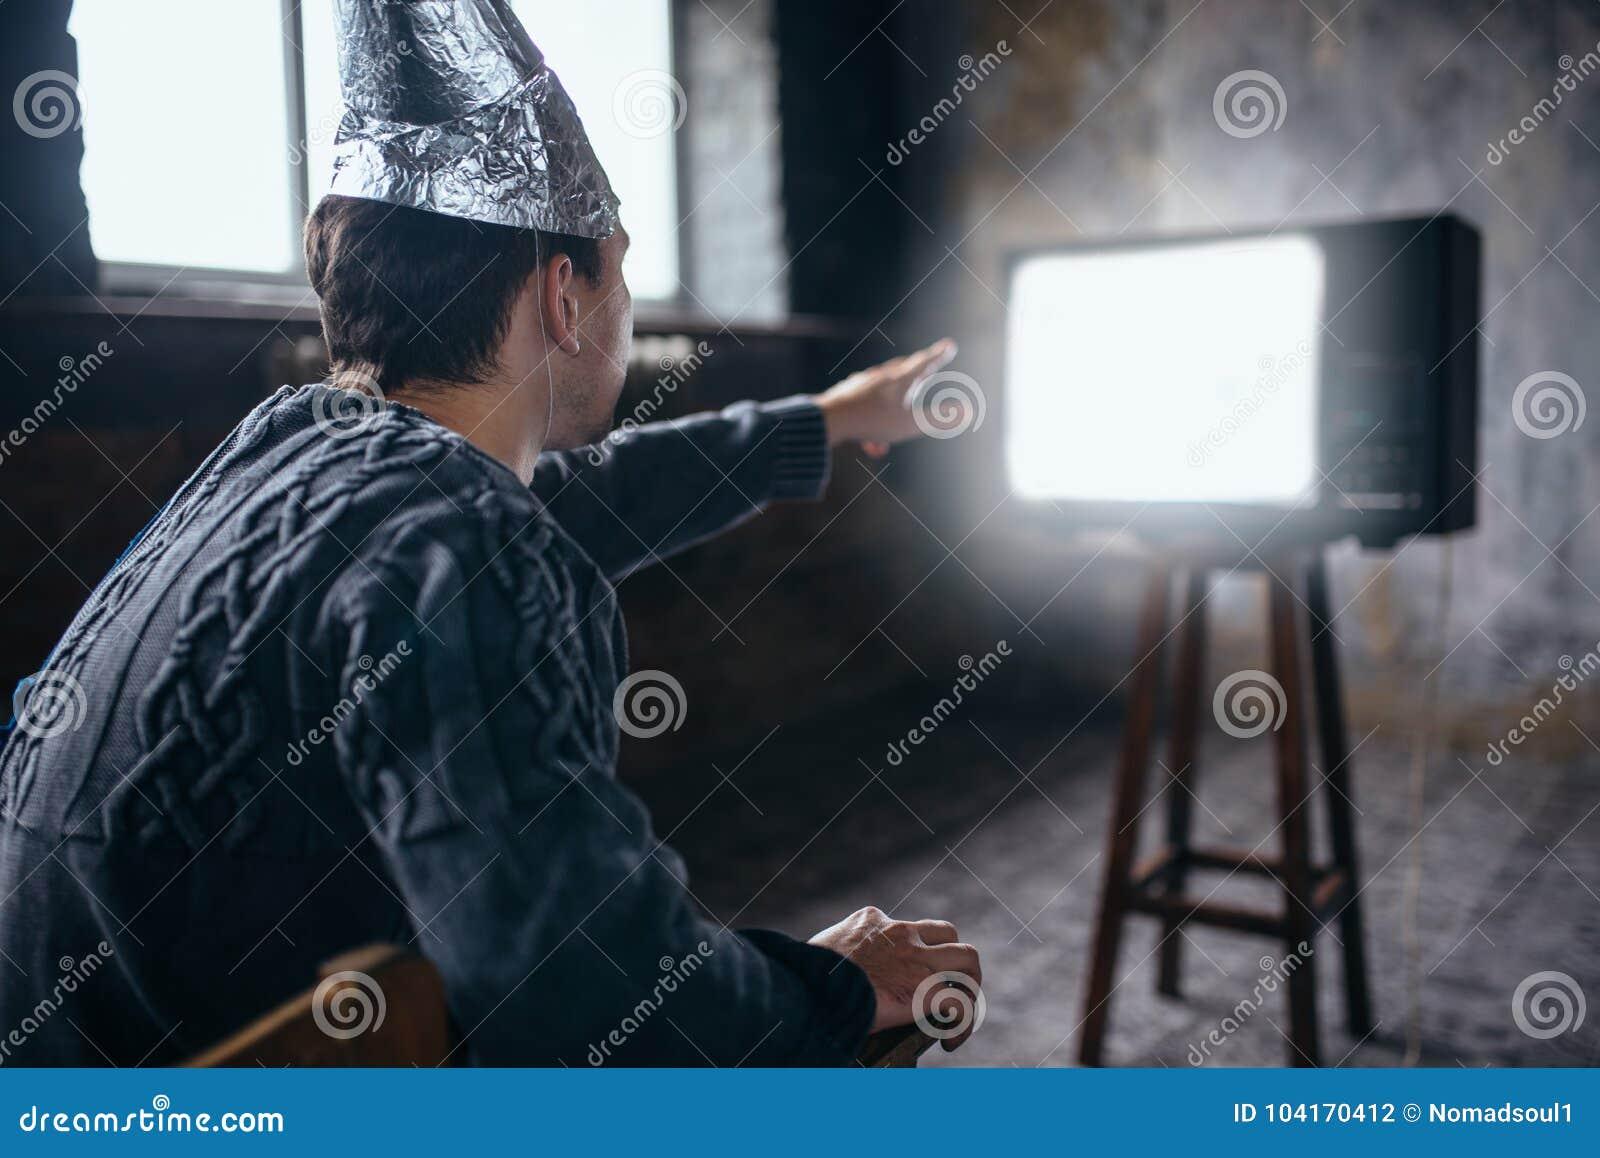 Mannen i hjälm för aluminum folie når ut till TV:N